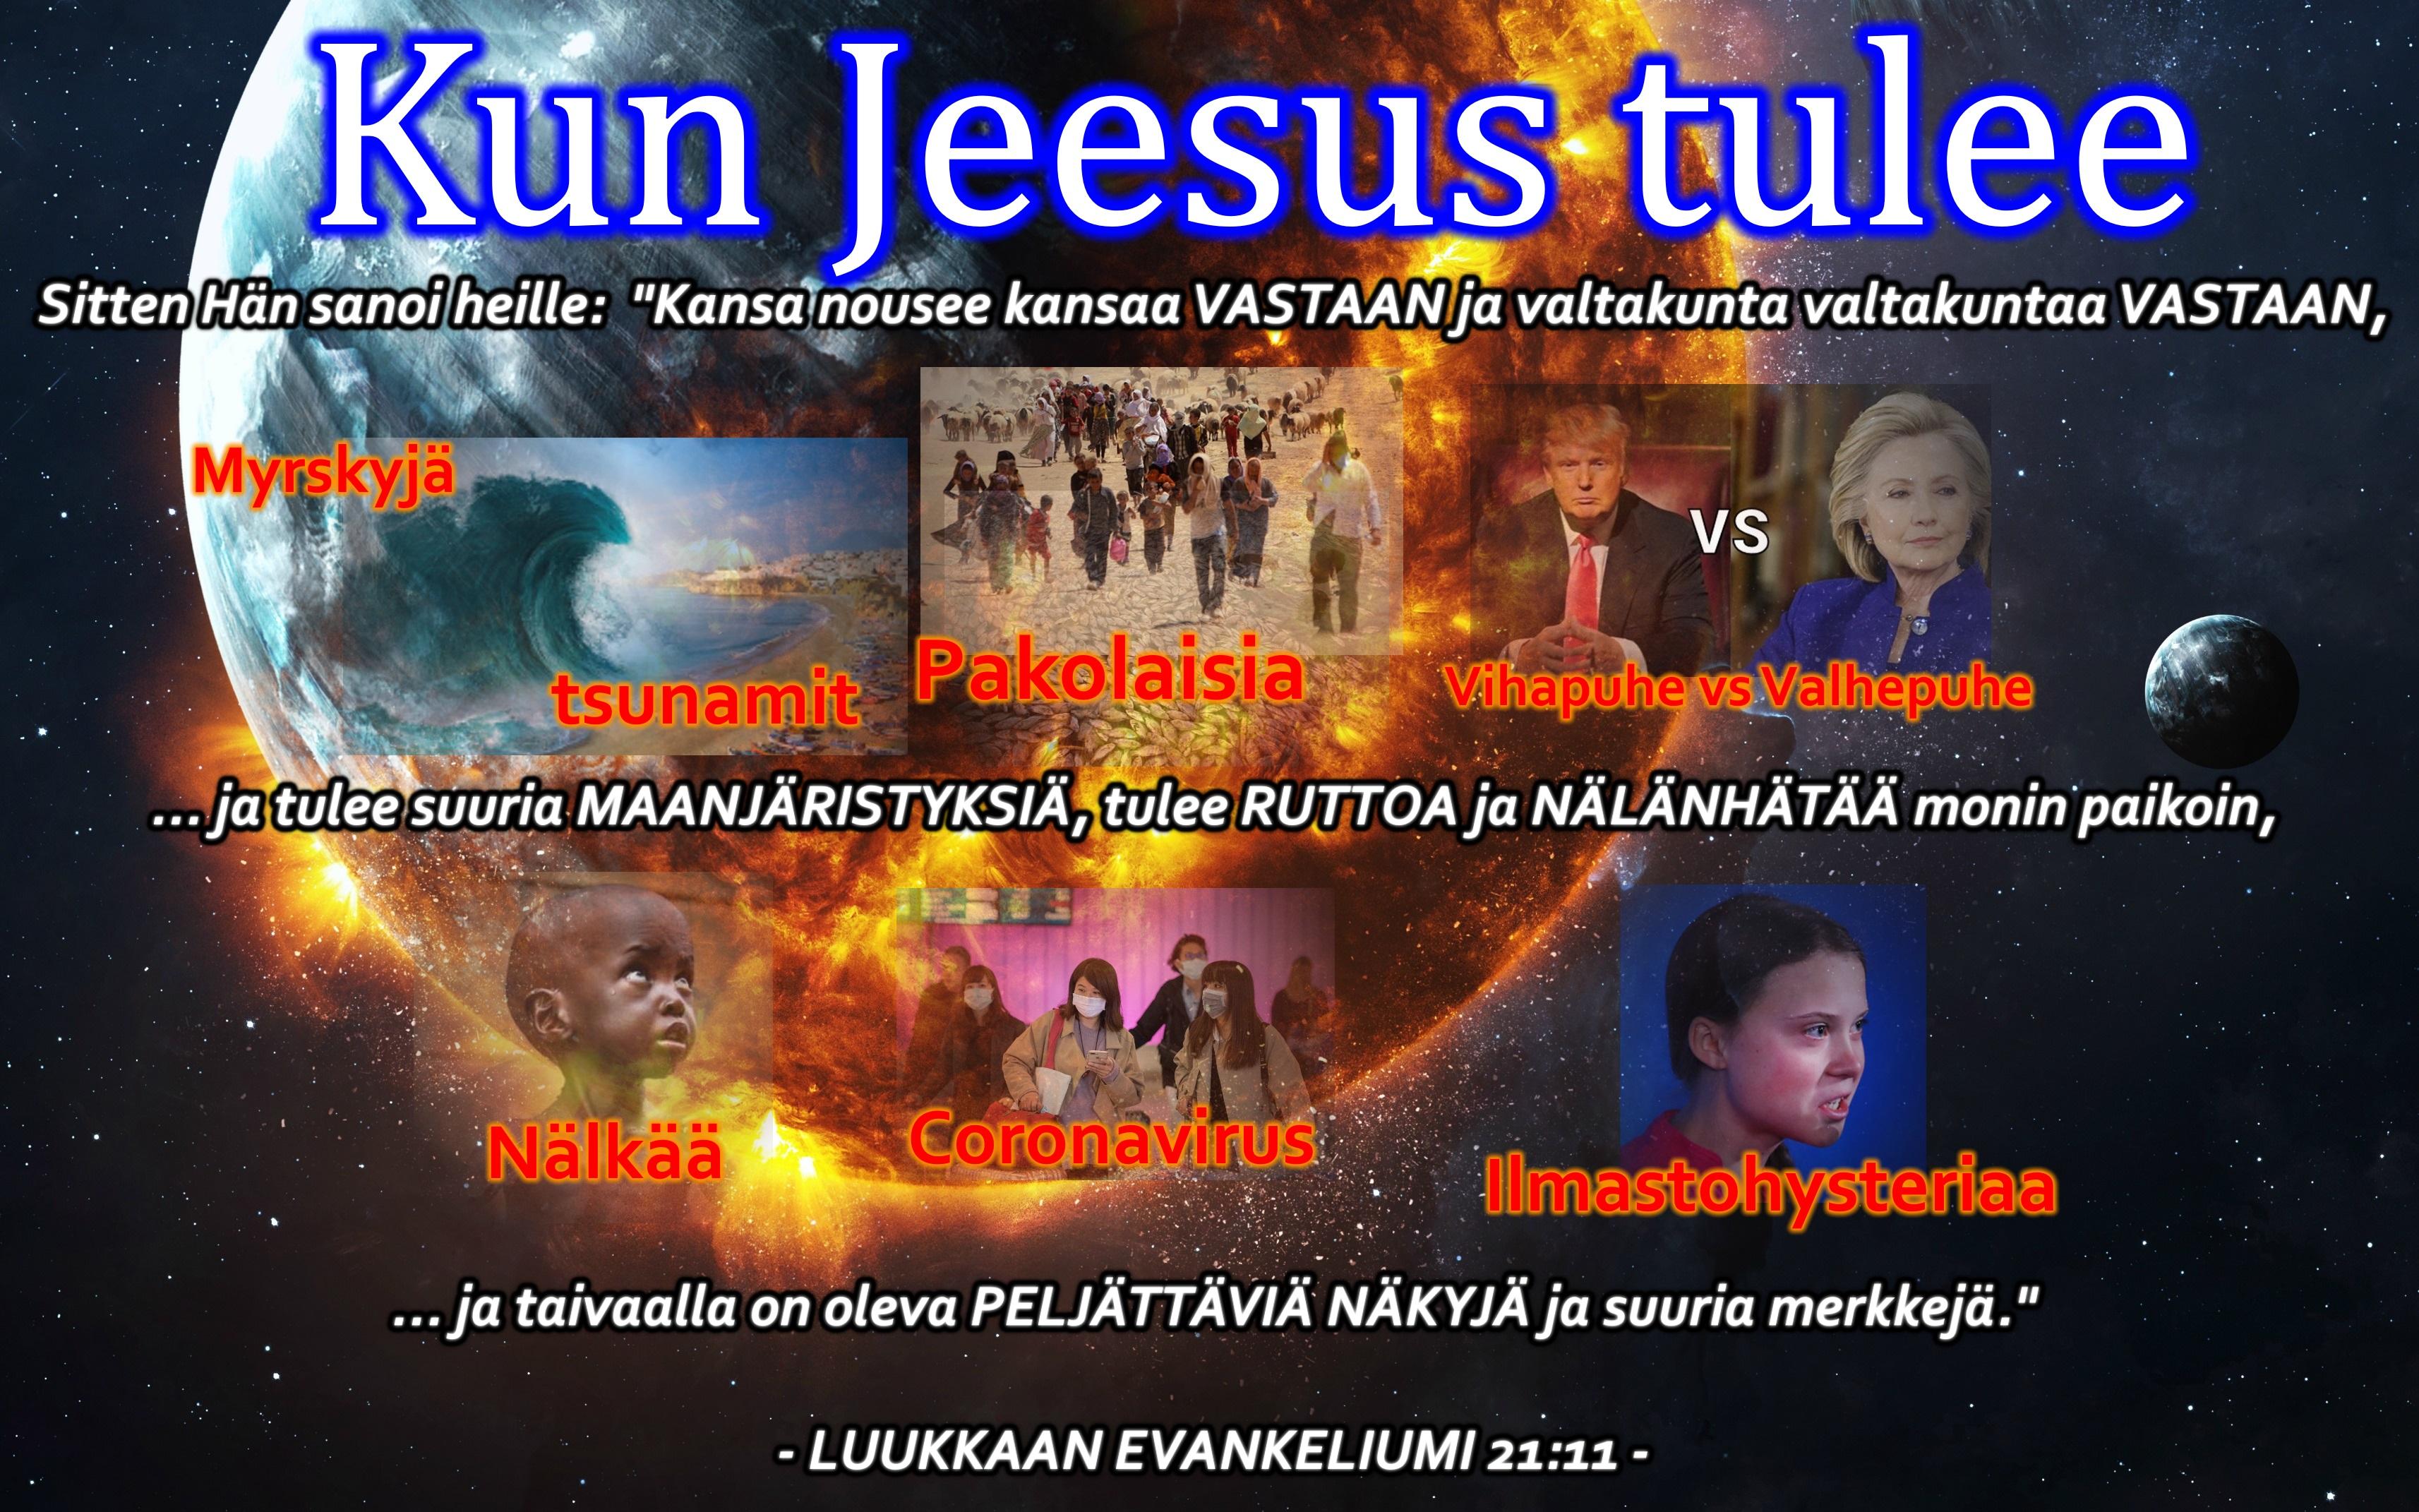 Kun Jeesus tulee